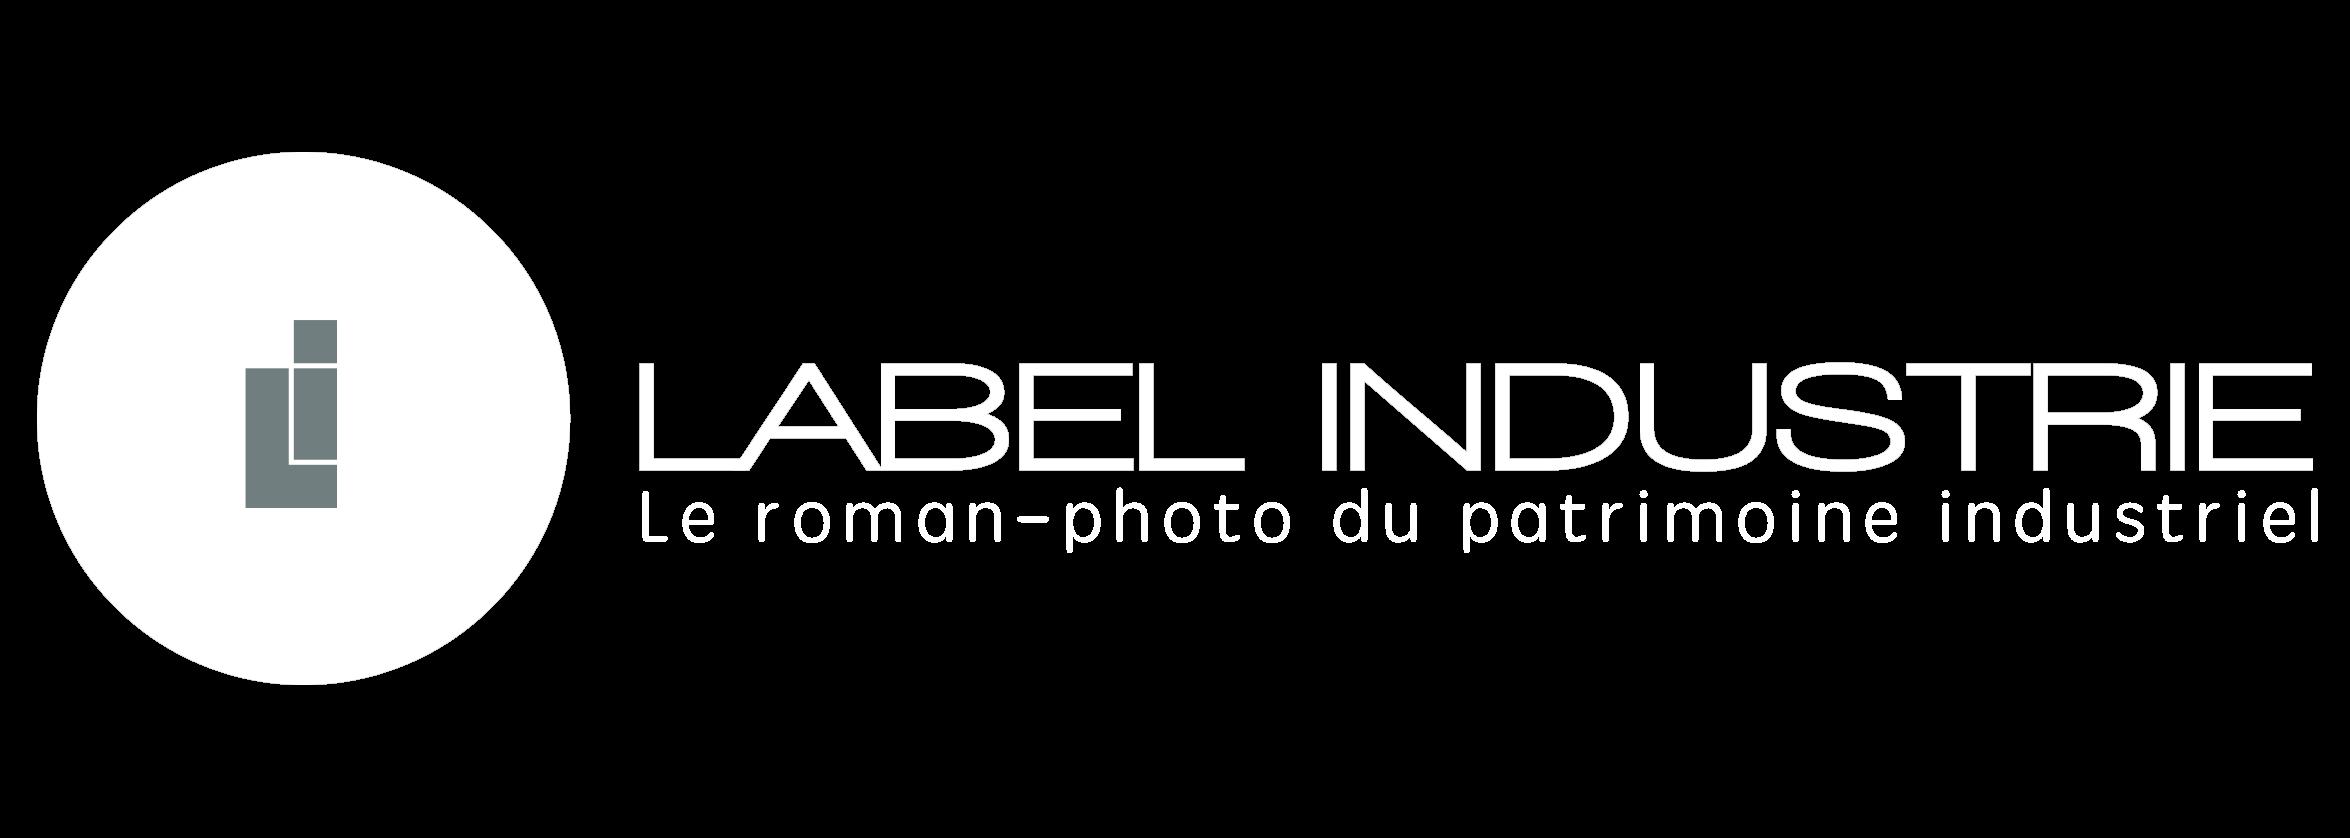 Label-Industrie - Le magazine de la valorisation du patrimoine industriel